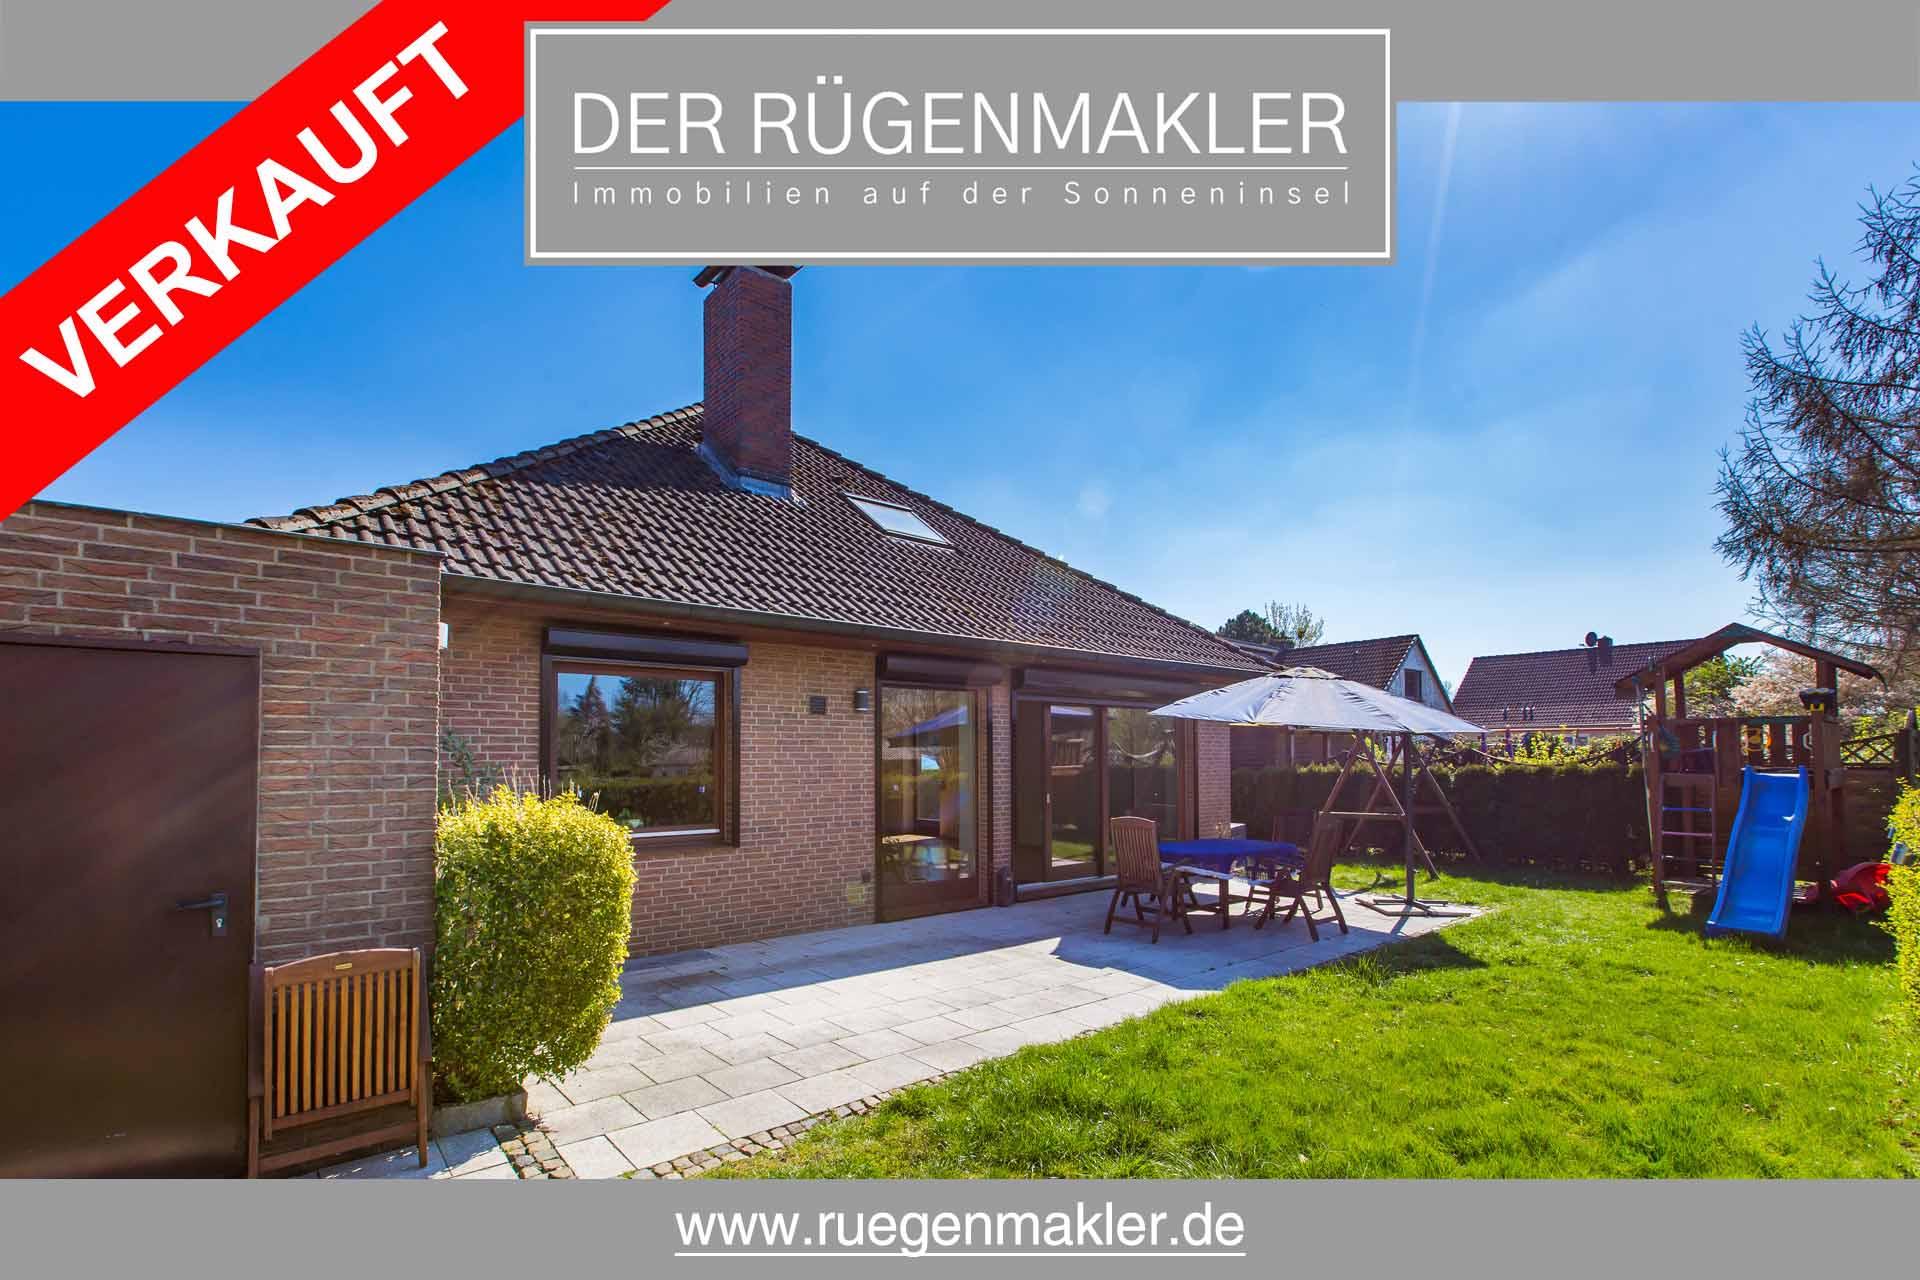 Ruegenmakler - Einfamilienhaus Bungalow in Gingst verkauft